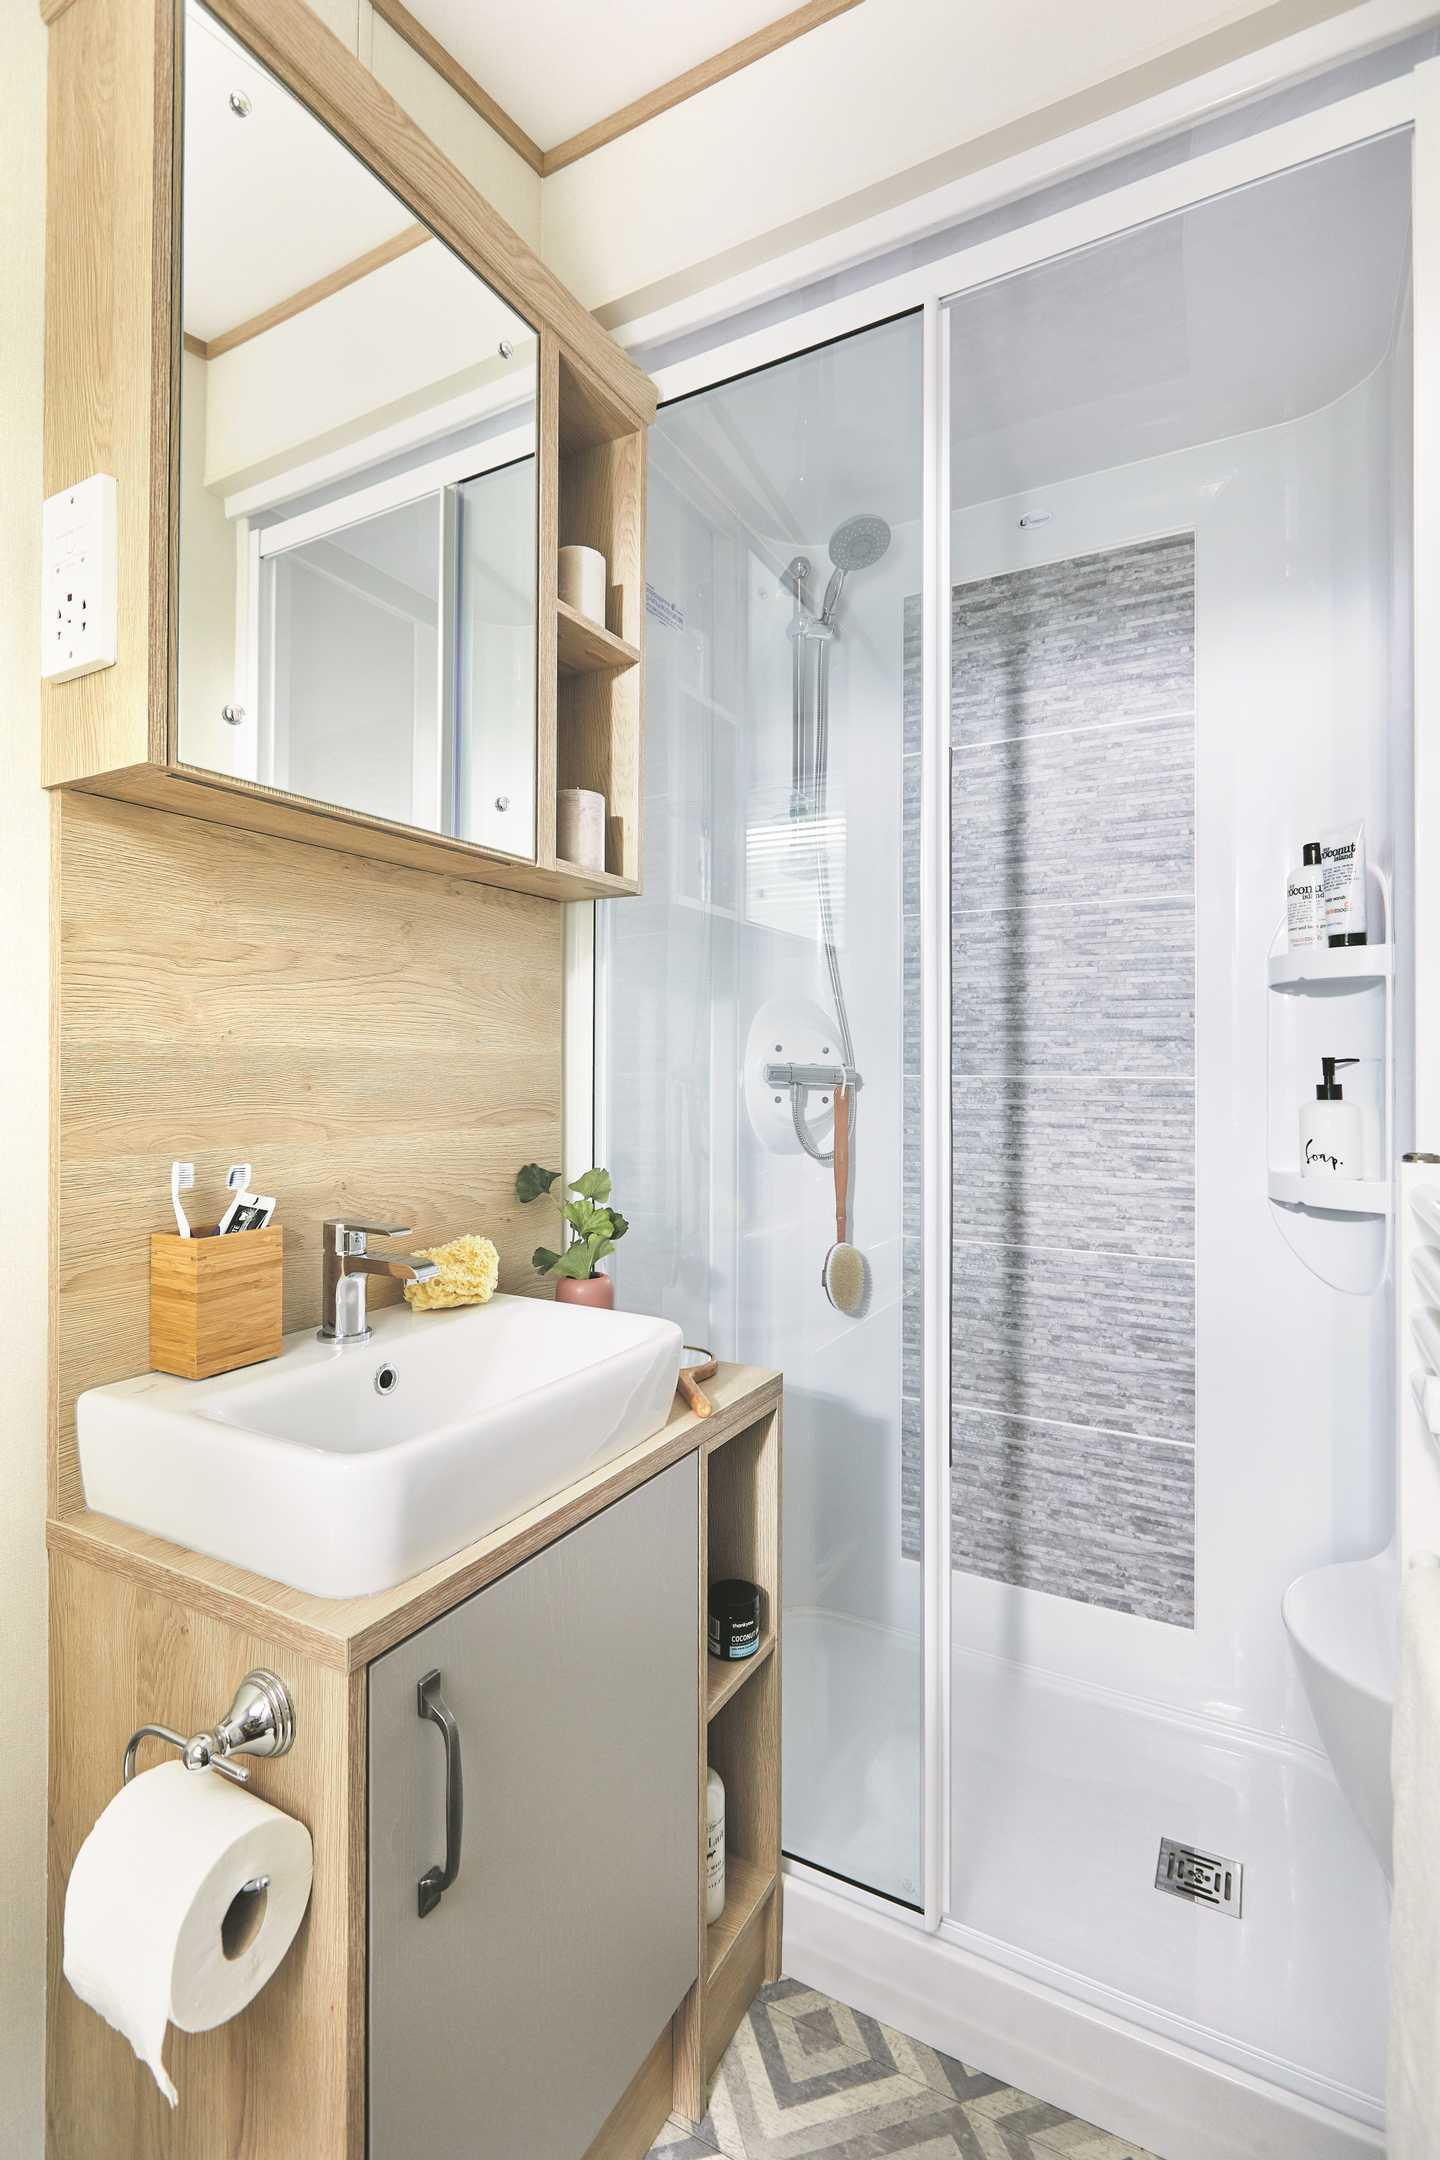 ABI Windermere bathroom